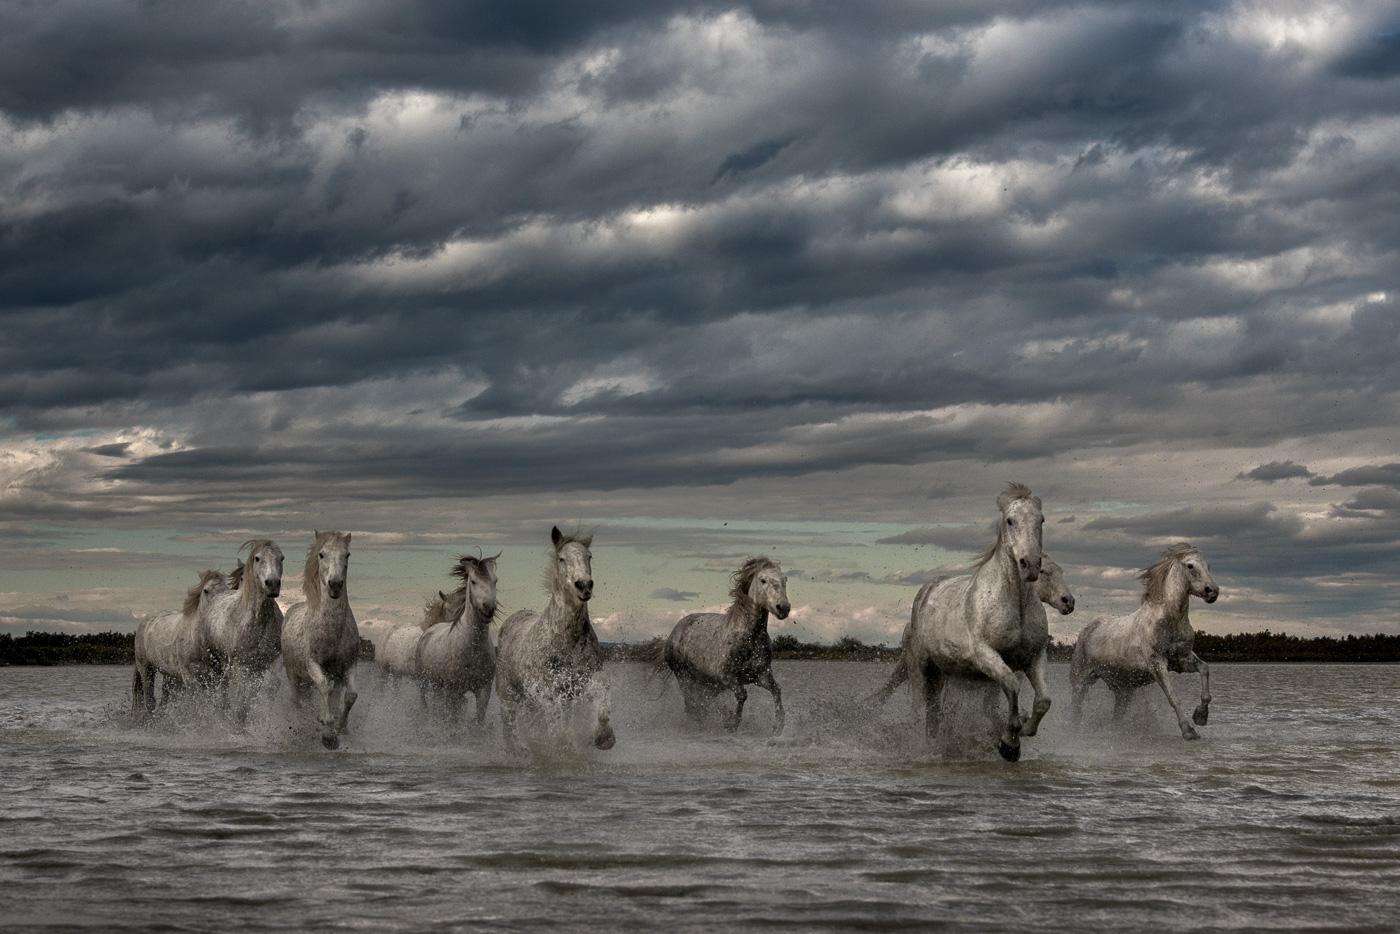 camargue horses dramatic sky